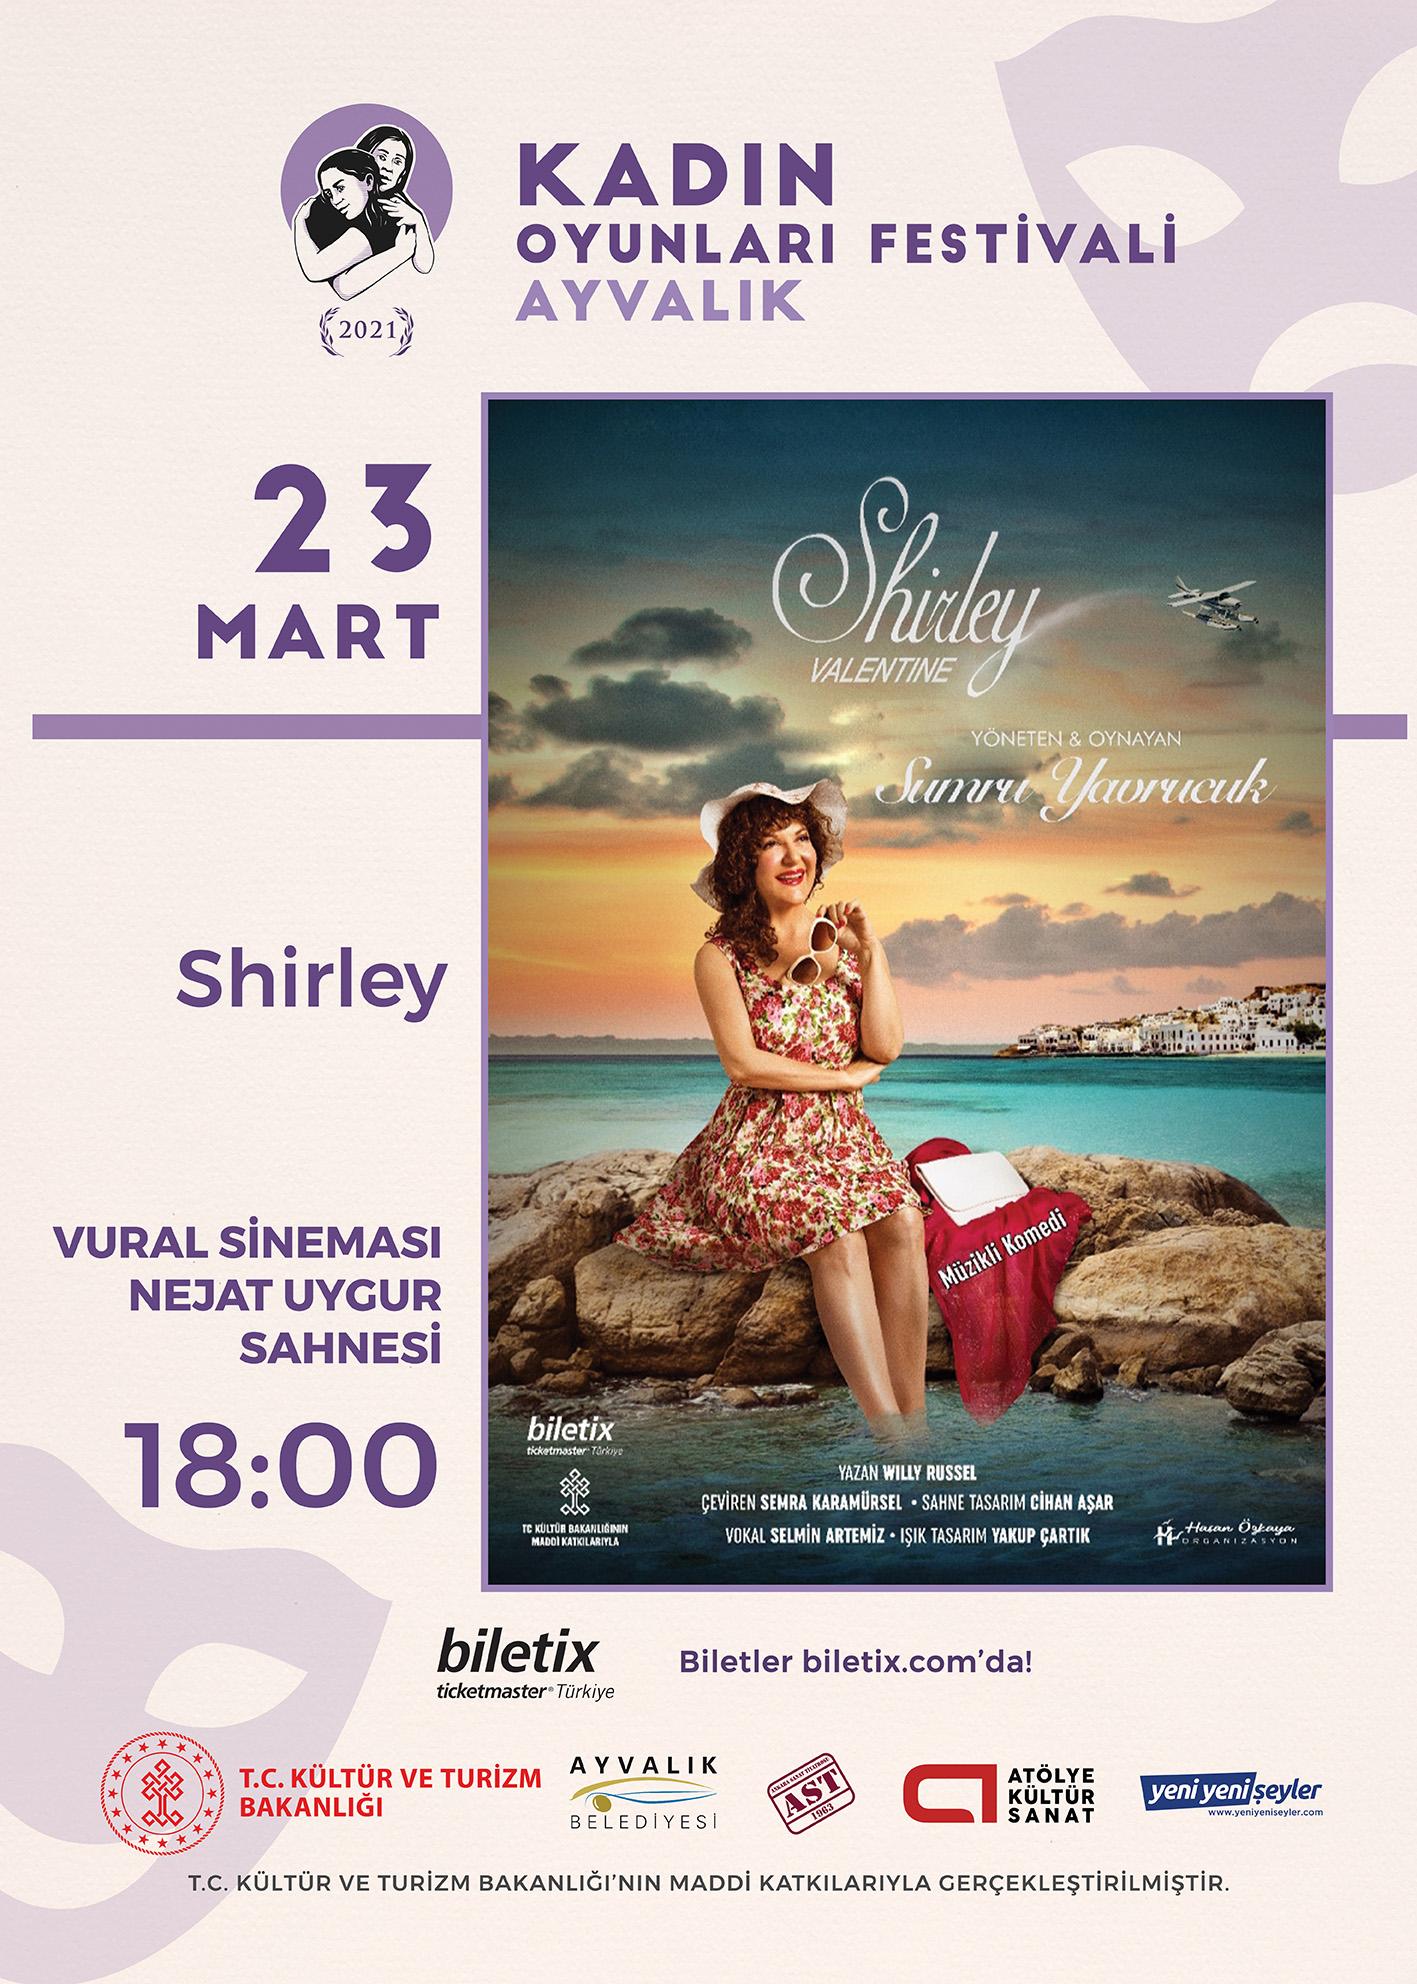 KTB - KOF 2021 Ayvalık - 23 Mart - Shirley